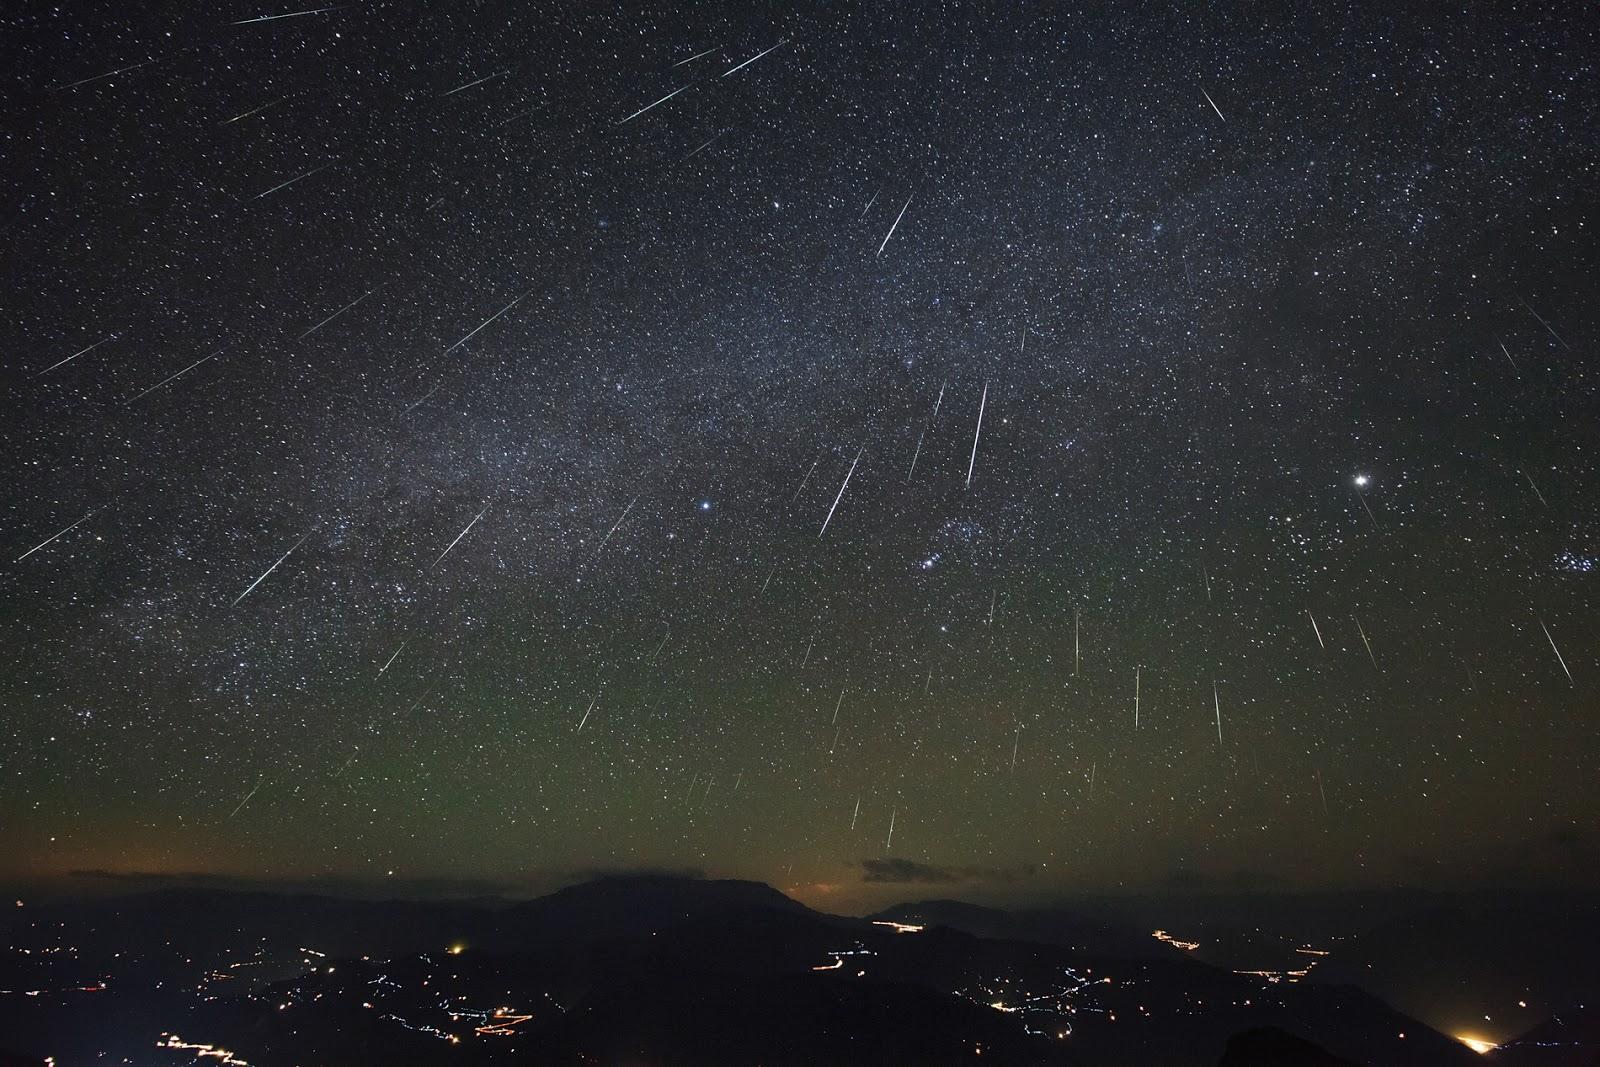 Hình ảnh mưa sao băng Geminid năm 2012. Đây là hình phơi sáng lâu, với việc phơi sáng những vệt sao băng kéo dài tới 3 tiếng đồng hồ trên bầu trời vùng đầm lầy Đại Sơn Bao (Dashanbao), Trung Quốc. Tác giả : Jeff Dai.